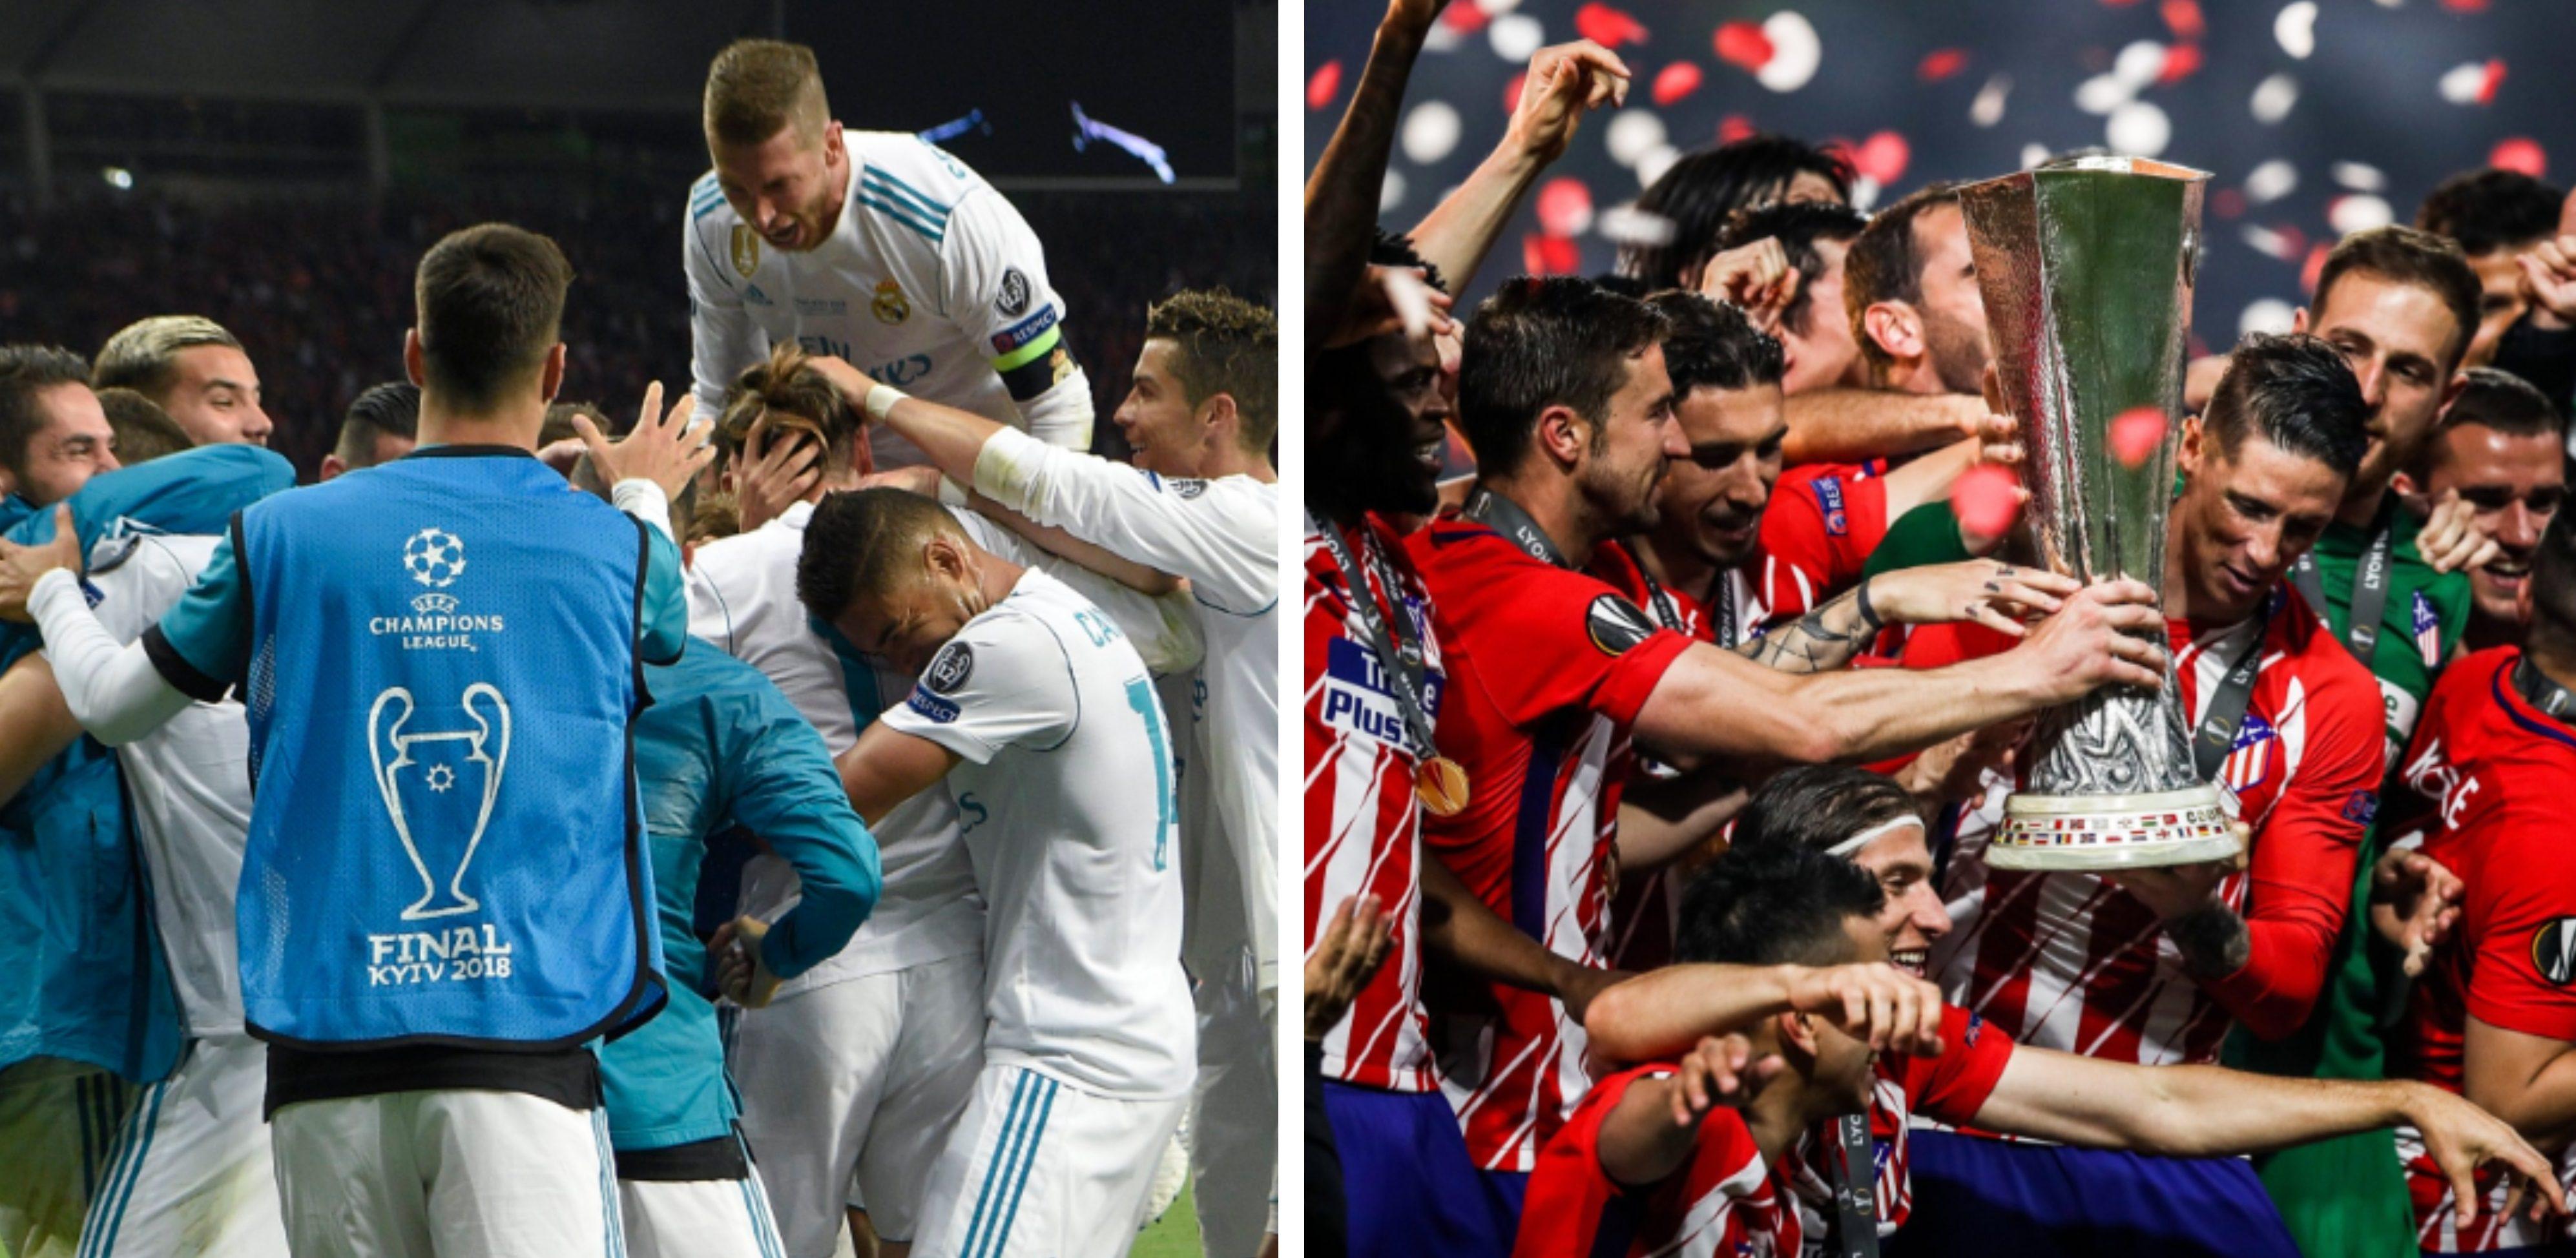 Η ισπανική κυριαρχία στην Ευρώπη δεν έχει τελειωμό - Sportime.GR